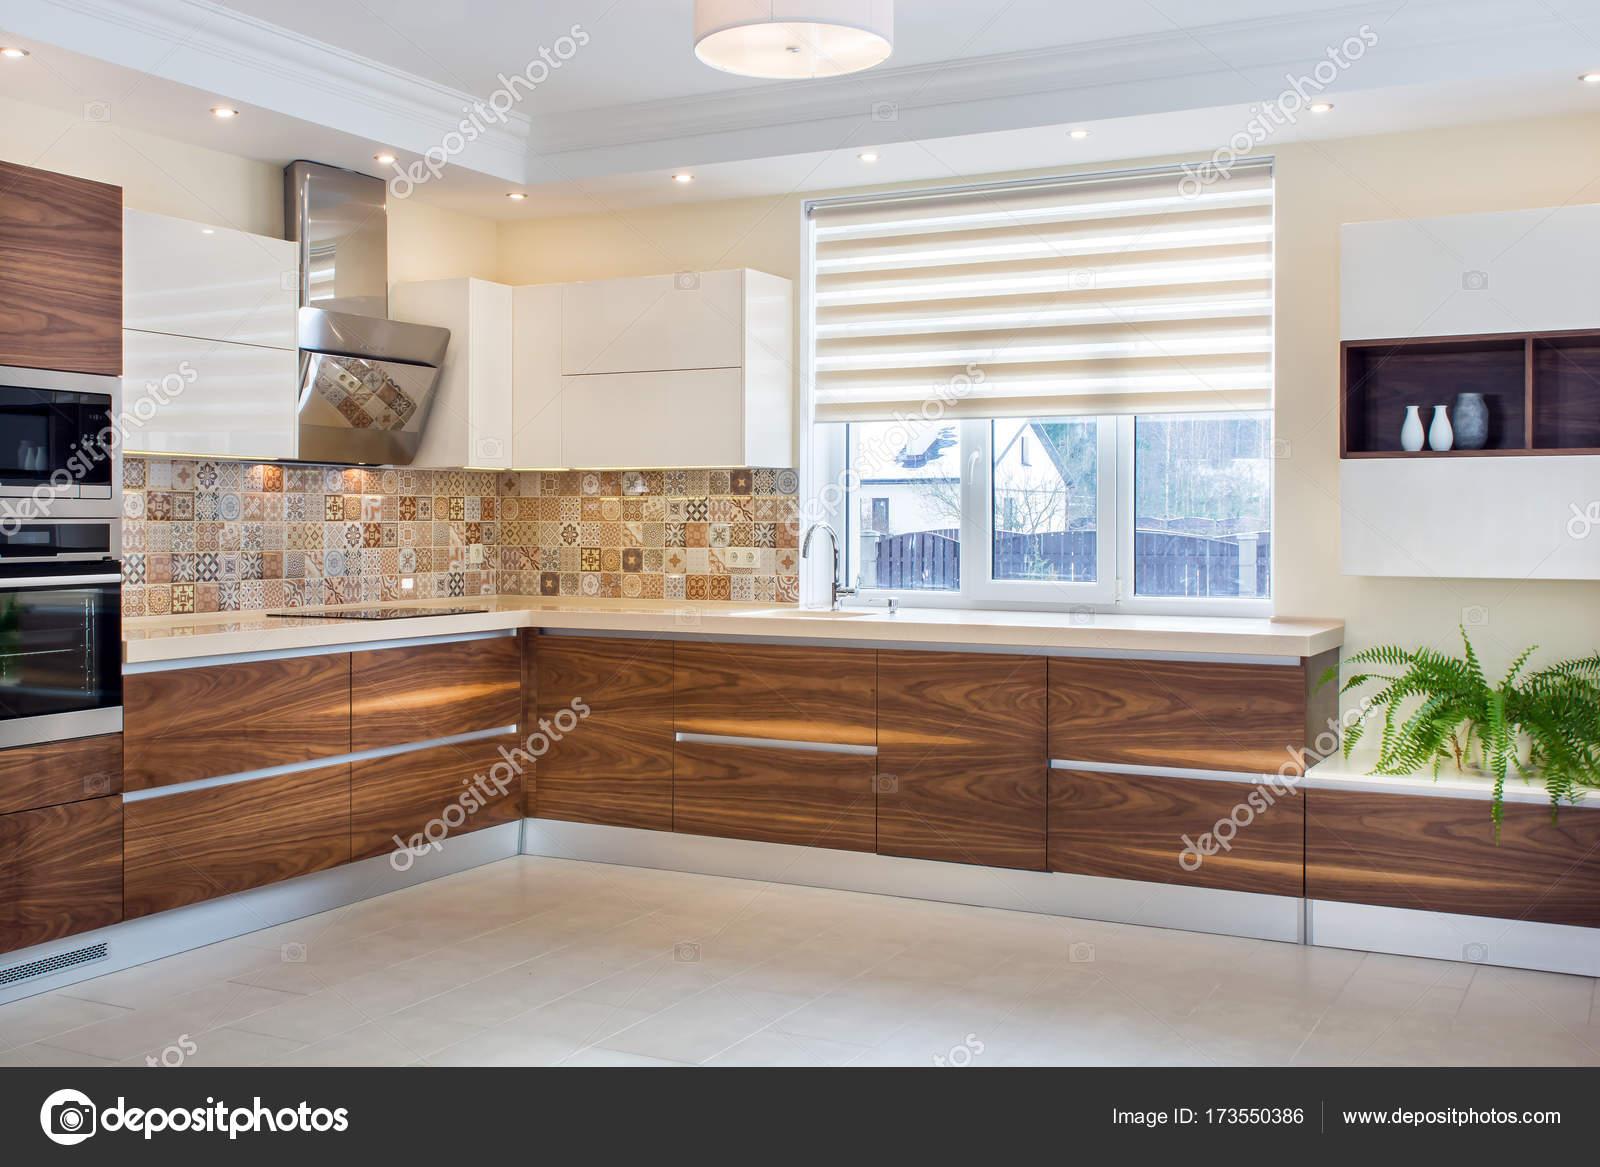 Interior casa moderna. Diseño moderno de la cocina en un interior ...